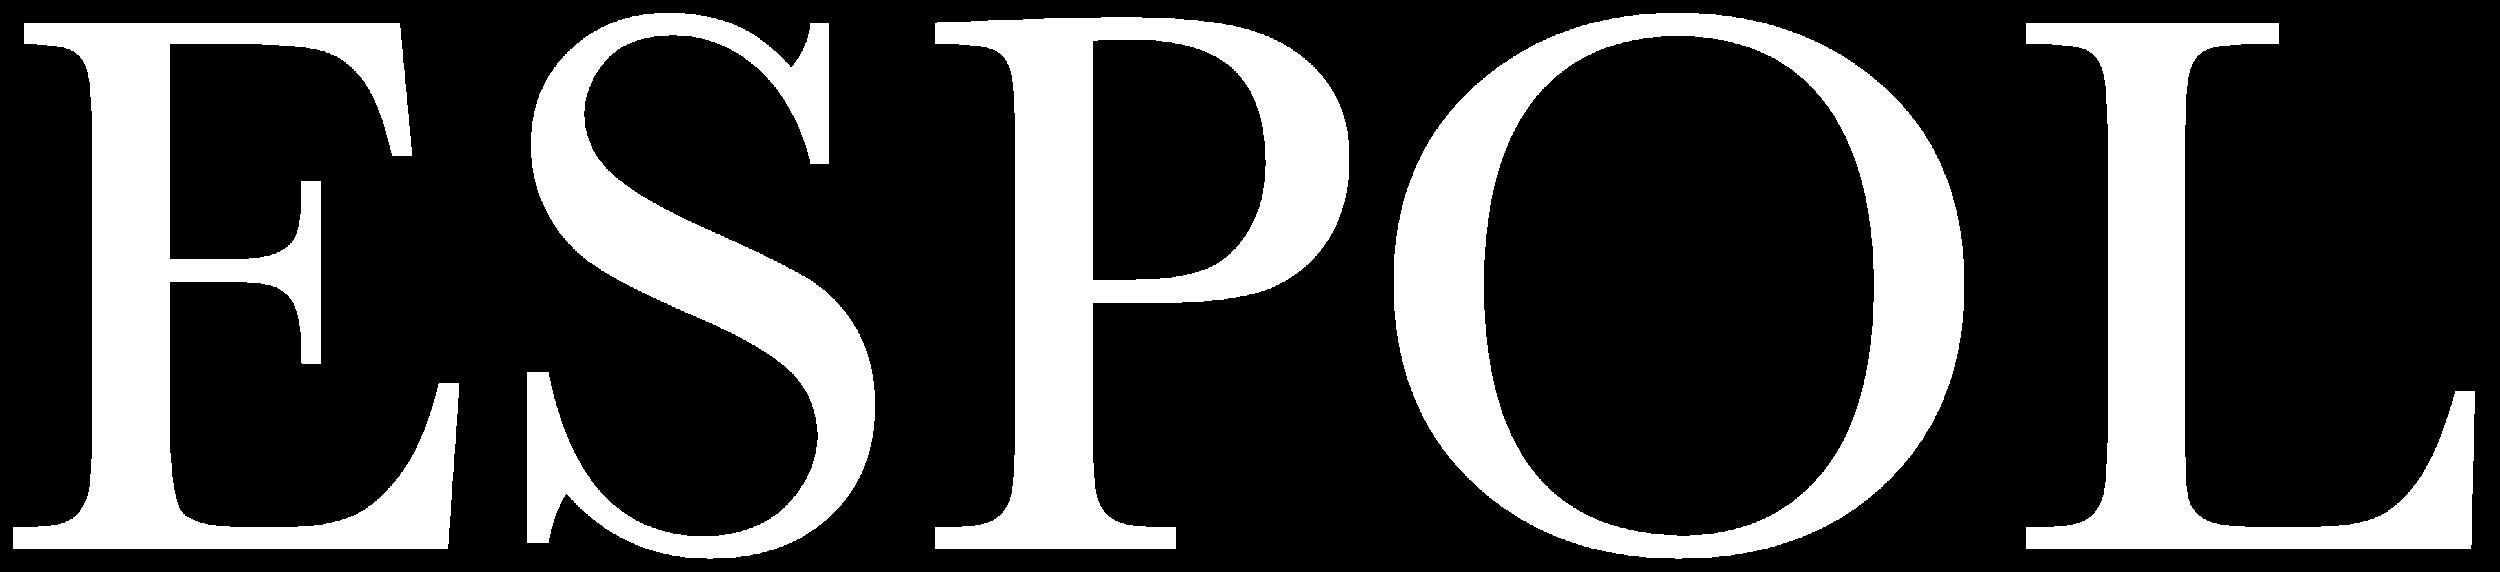 espol-simbolo-mediano.png